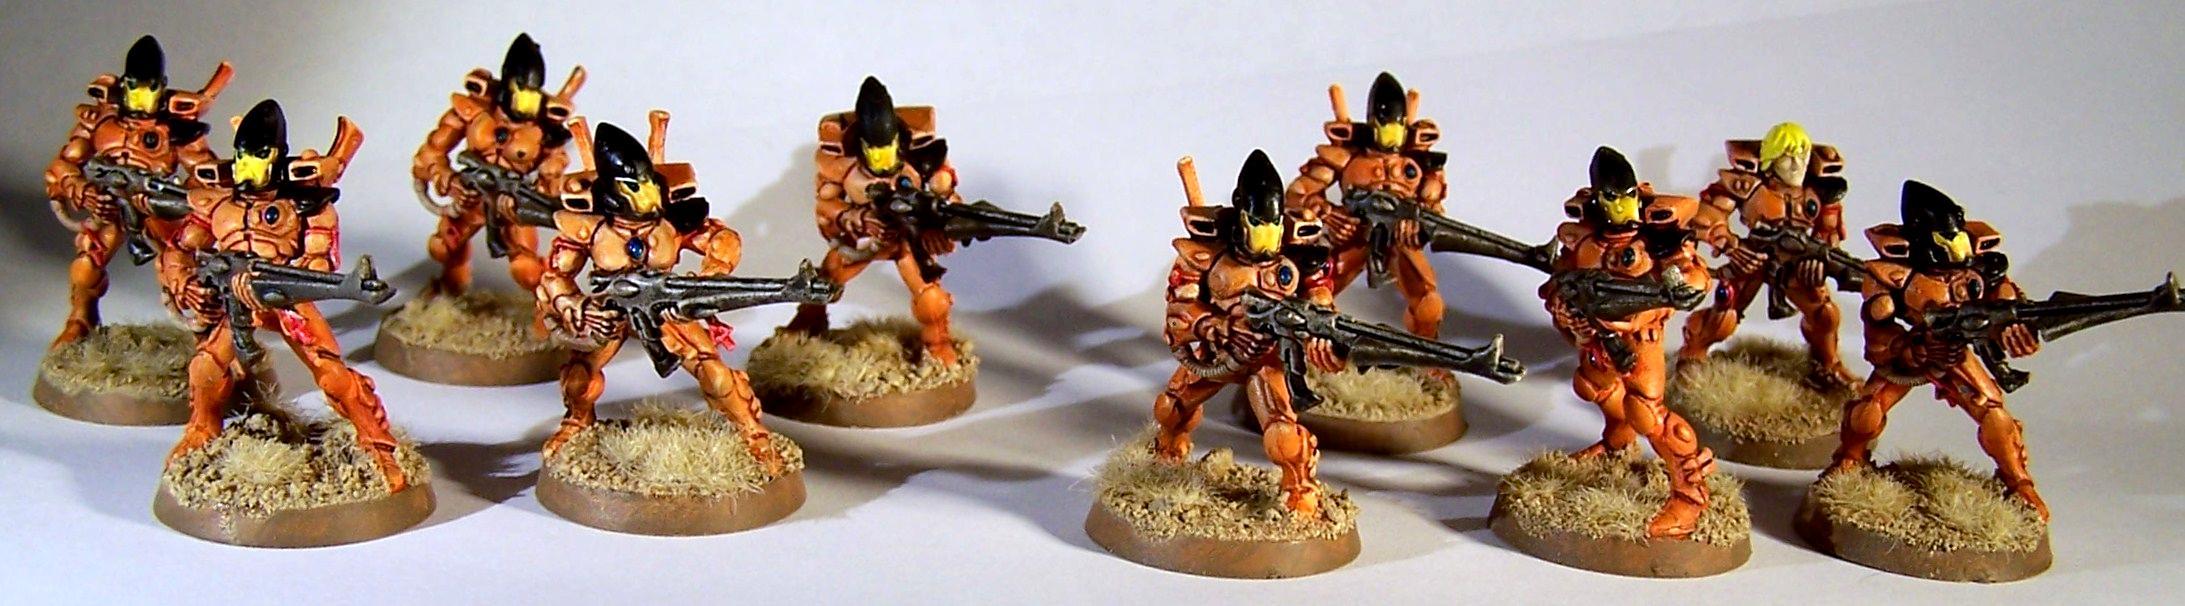 Craftworld Lugganath, Eldar, Guardians, Lugganath, Silvermk2